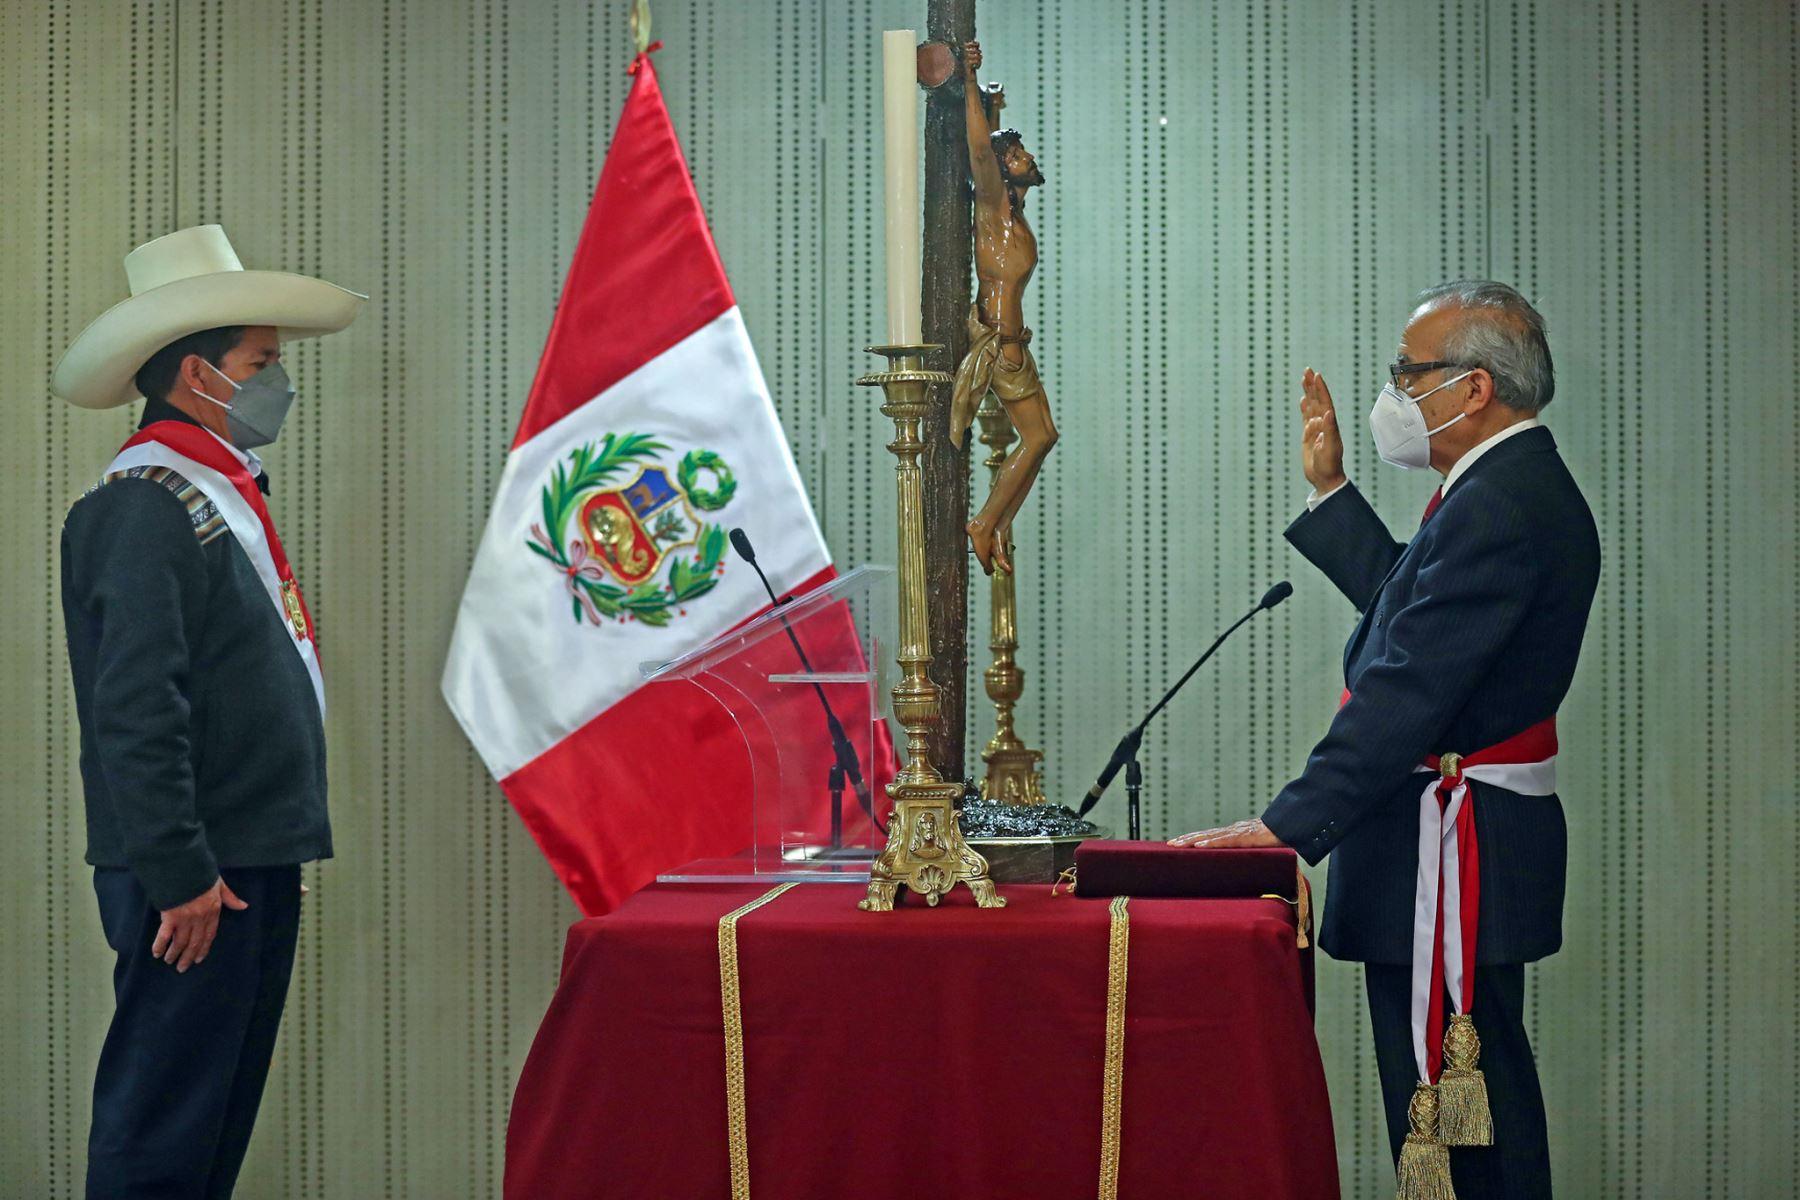 El presidente la República, Pedro Castillo, toma juramento de Aníbal Torres como ministro de Justicia y Derechos Humanos. Foto: ANDINA/Prensa Presidencia